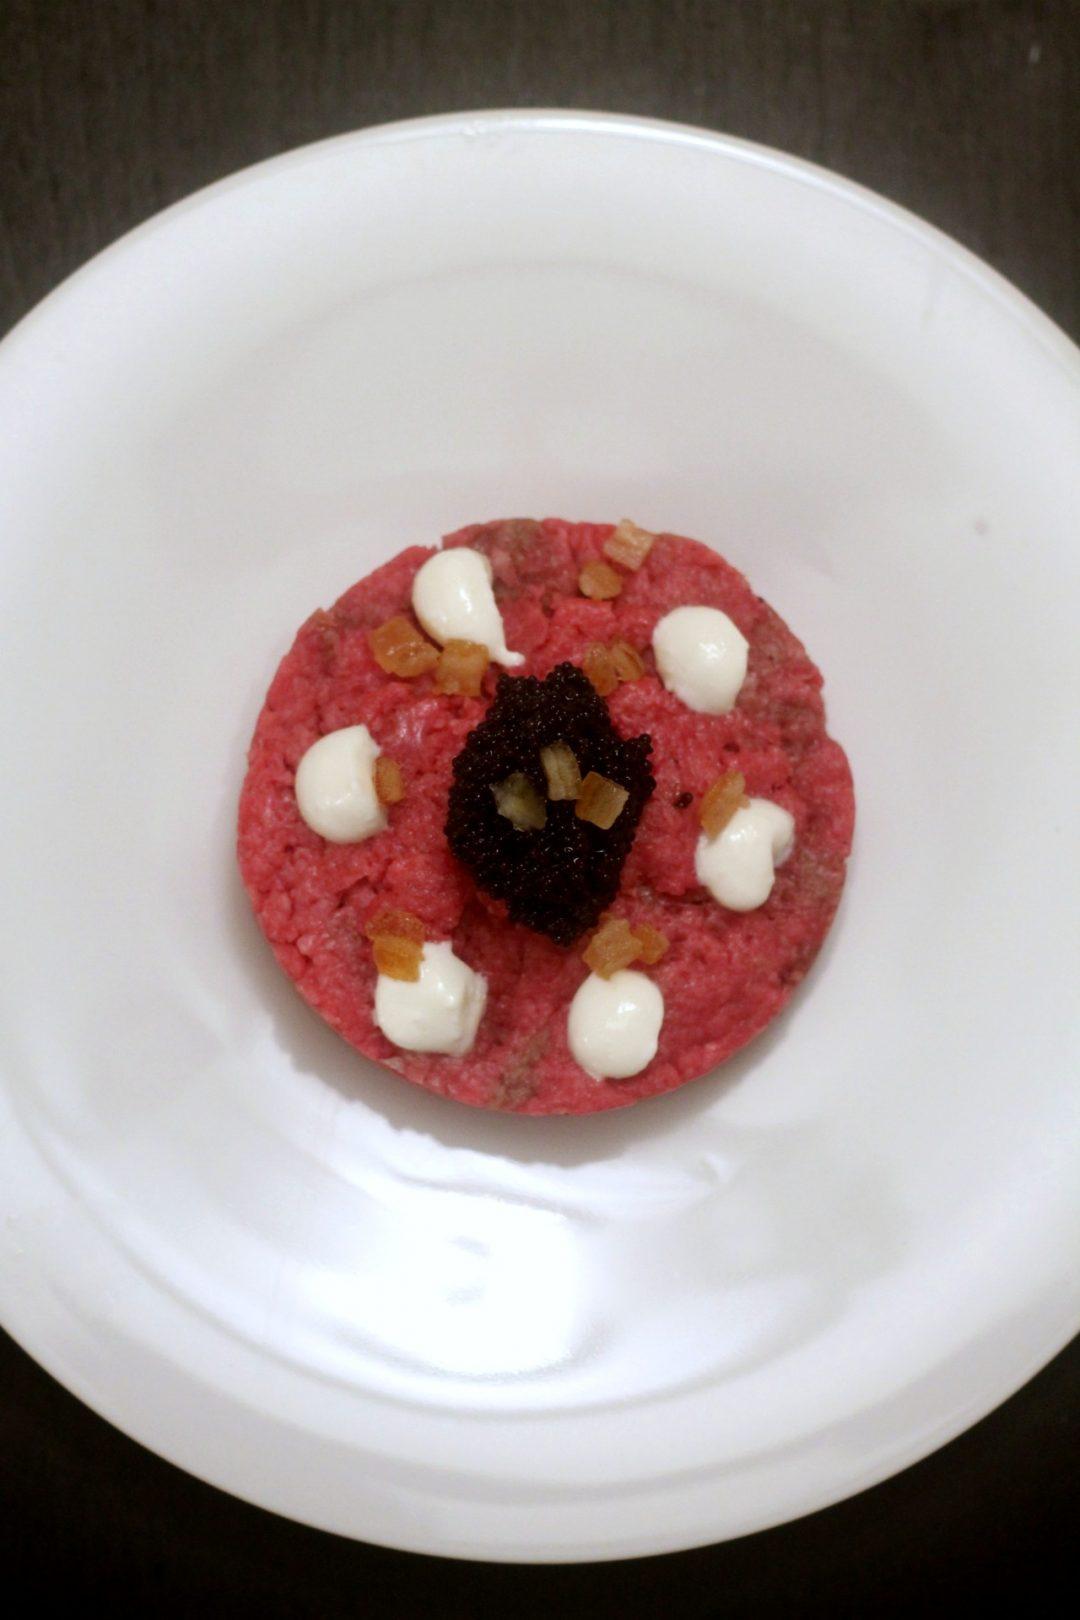 tartare-di-manzo-con-uova-di-lompo-maionese-al-wasabi-e-arancia-candita